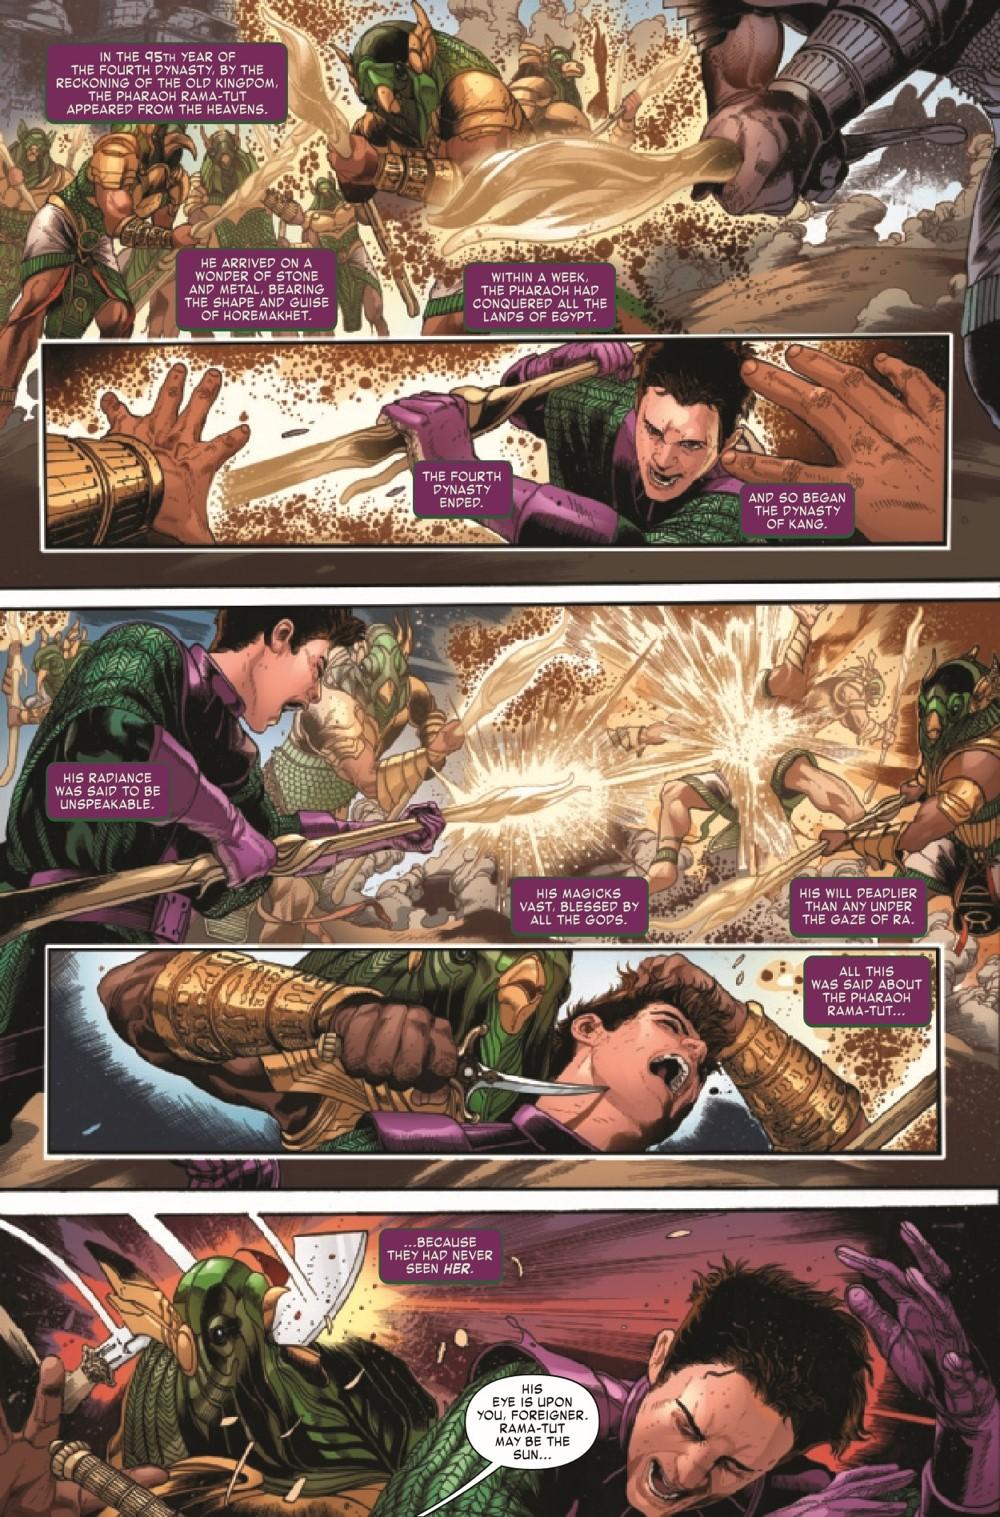 KANGCONQUEROR2021002_Preview-3 ComicList Previews: KANG THE CONQUEROR #2 (OF 5)